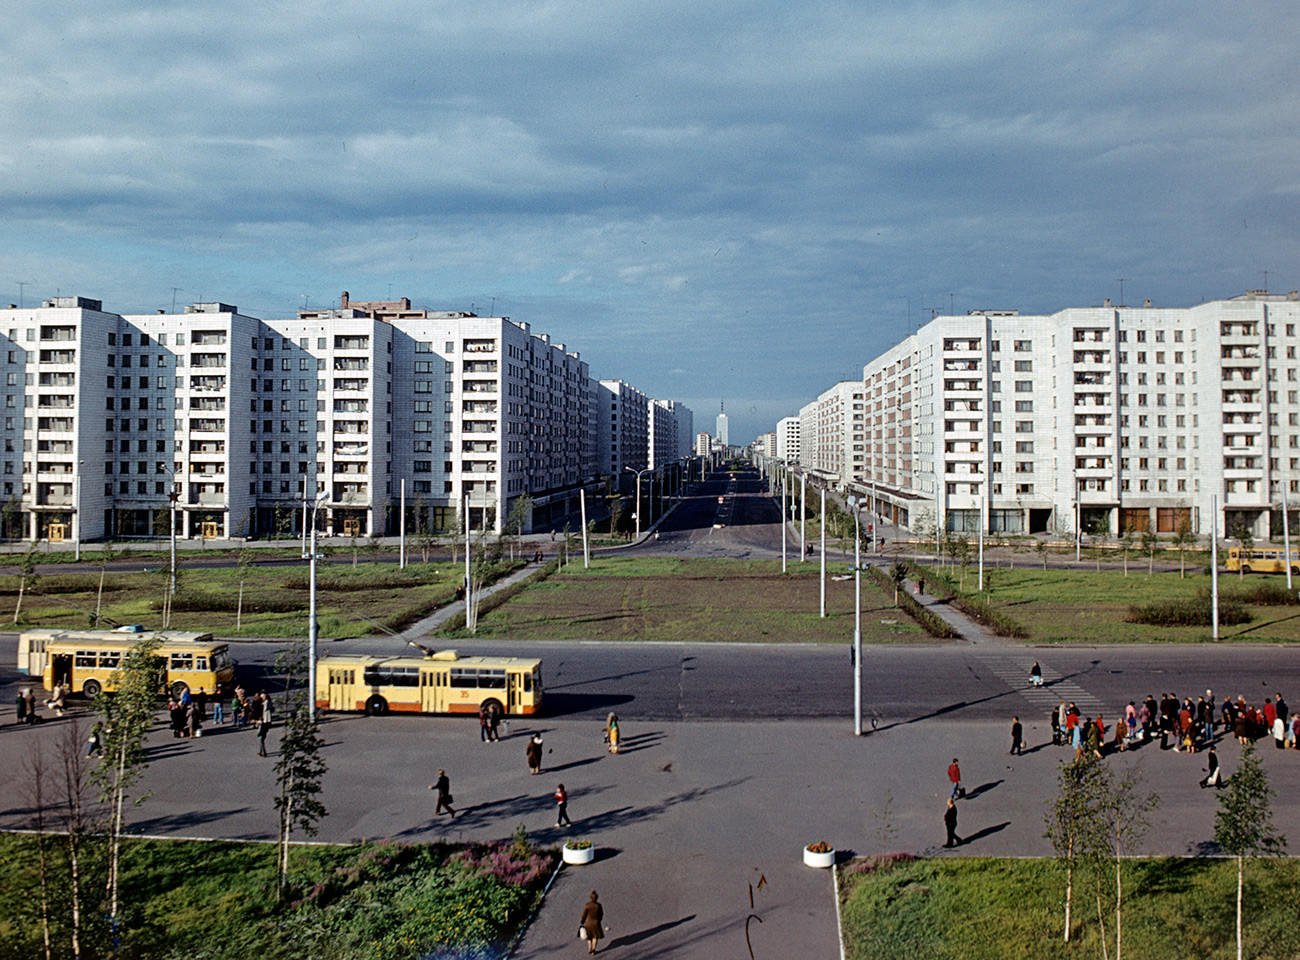 Engels Str., Arkhangelks, Russia